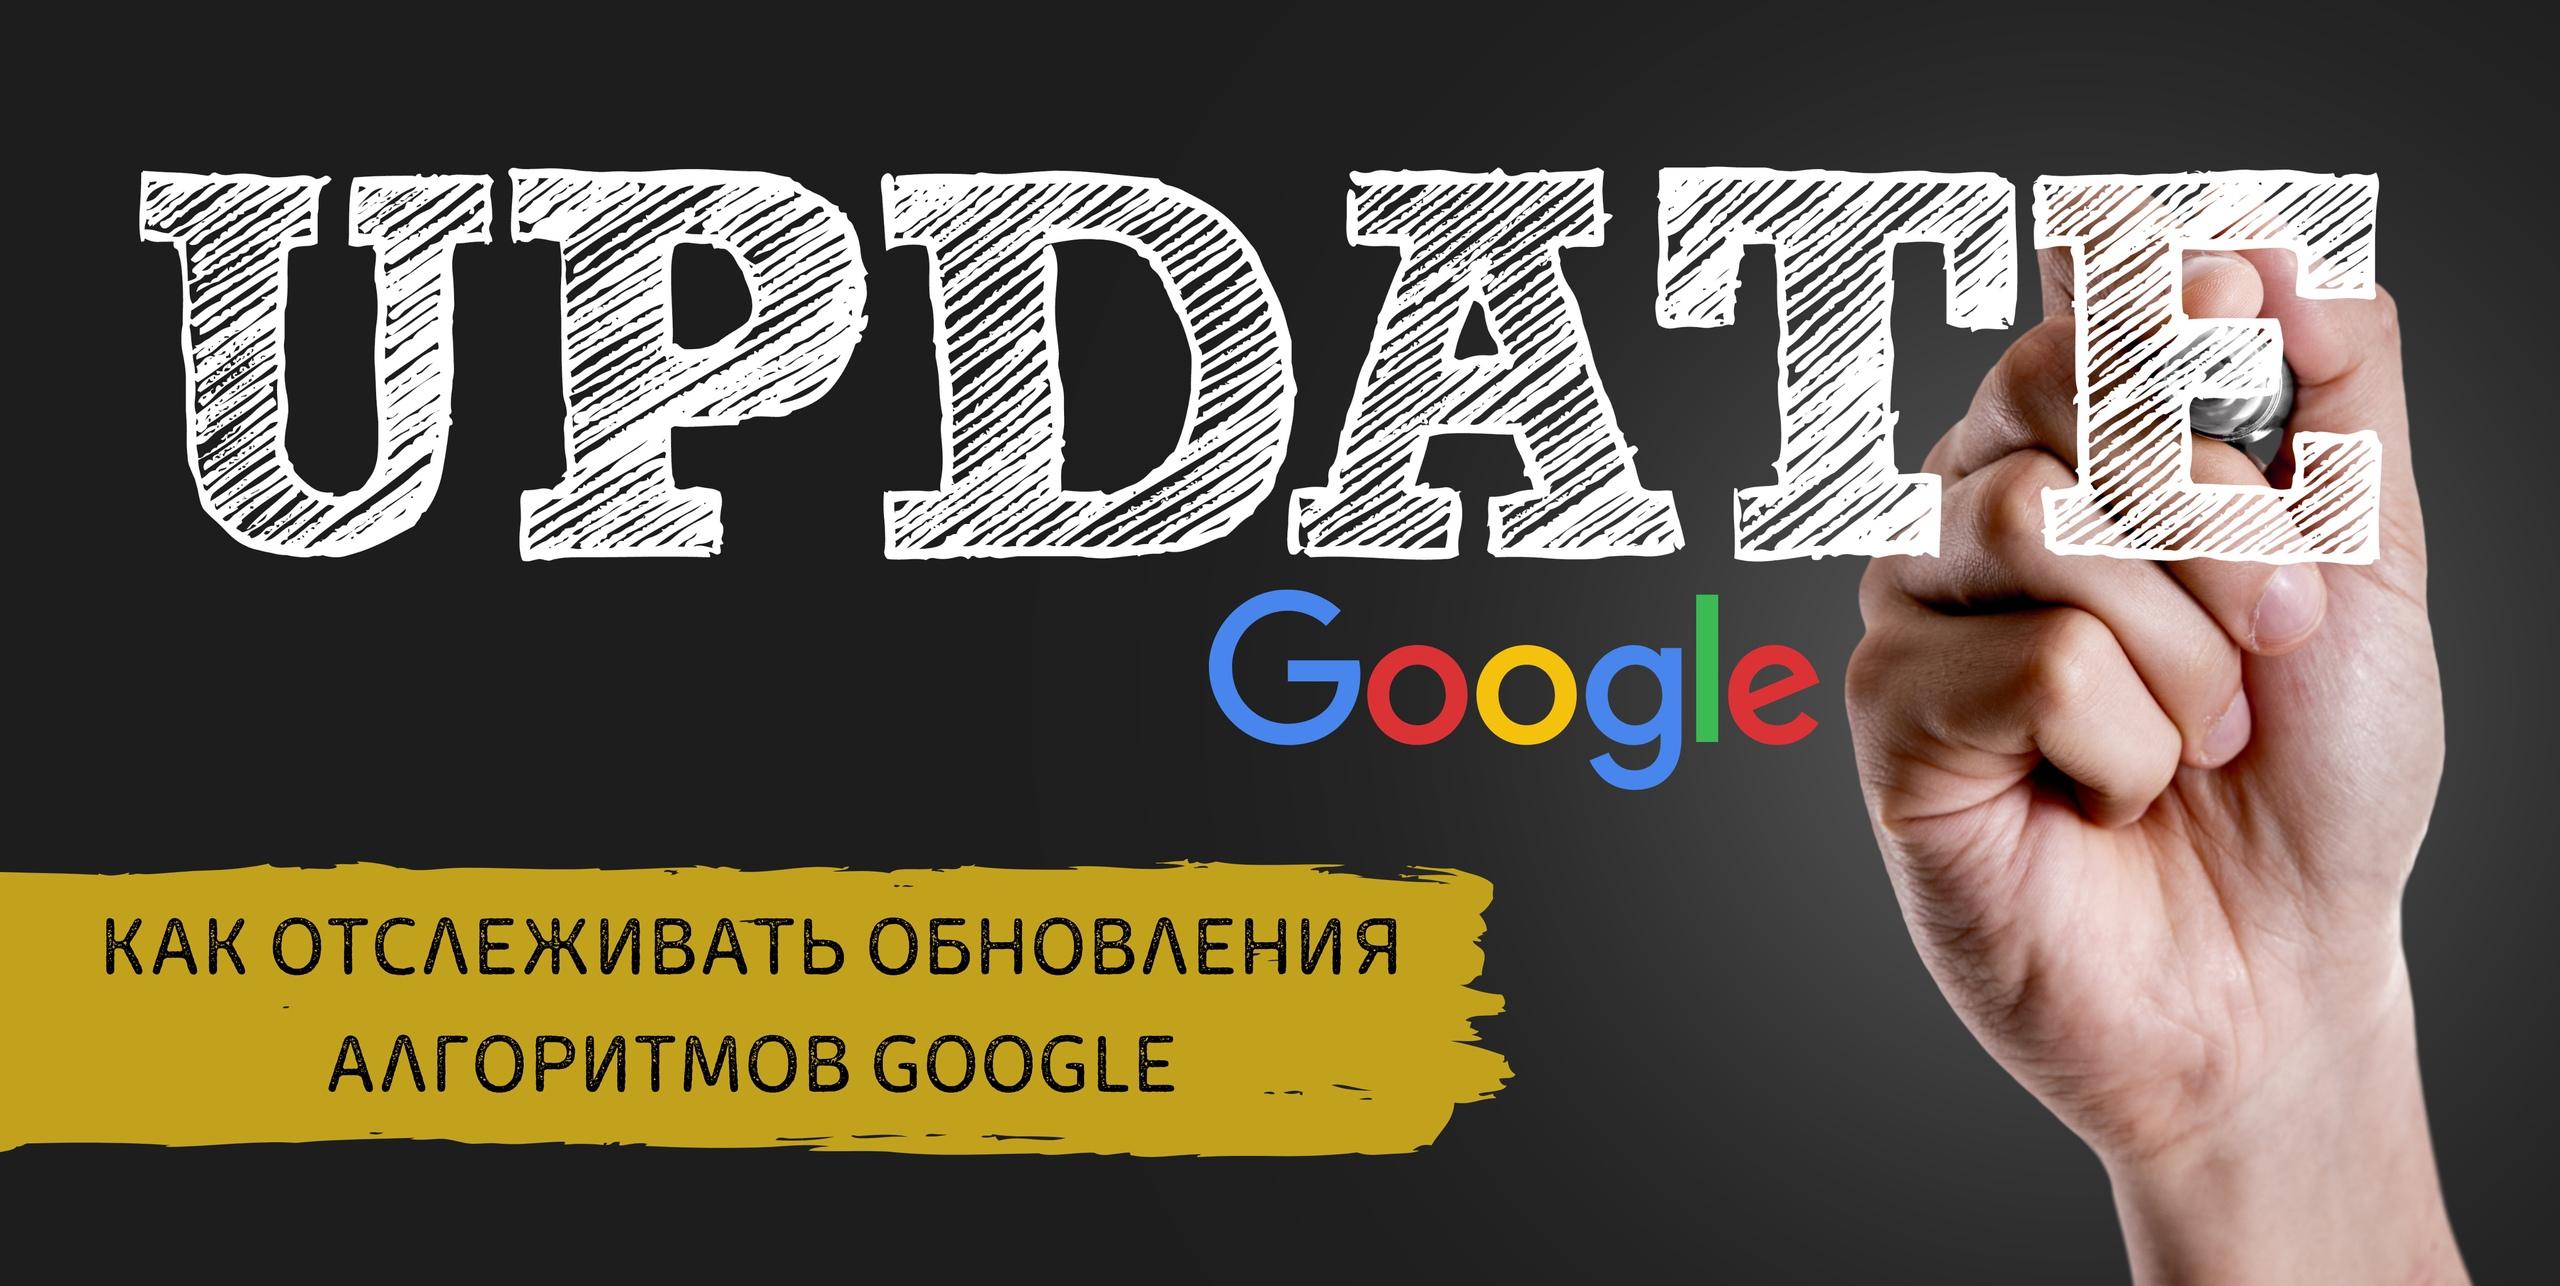 как отслеживать изменения алгоритмов Google